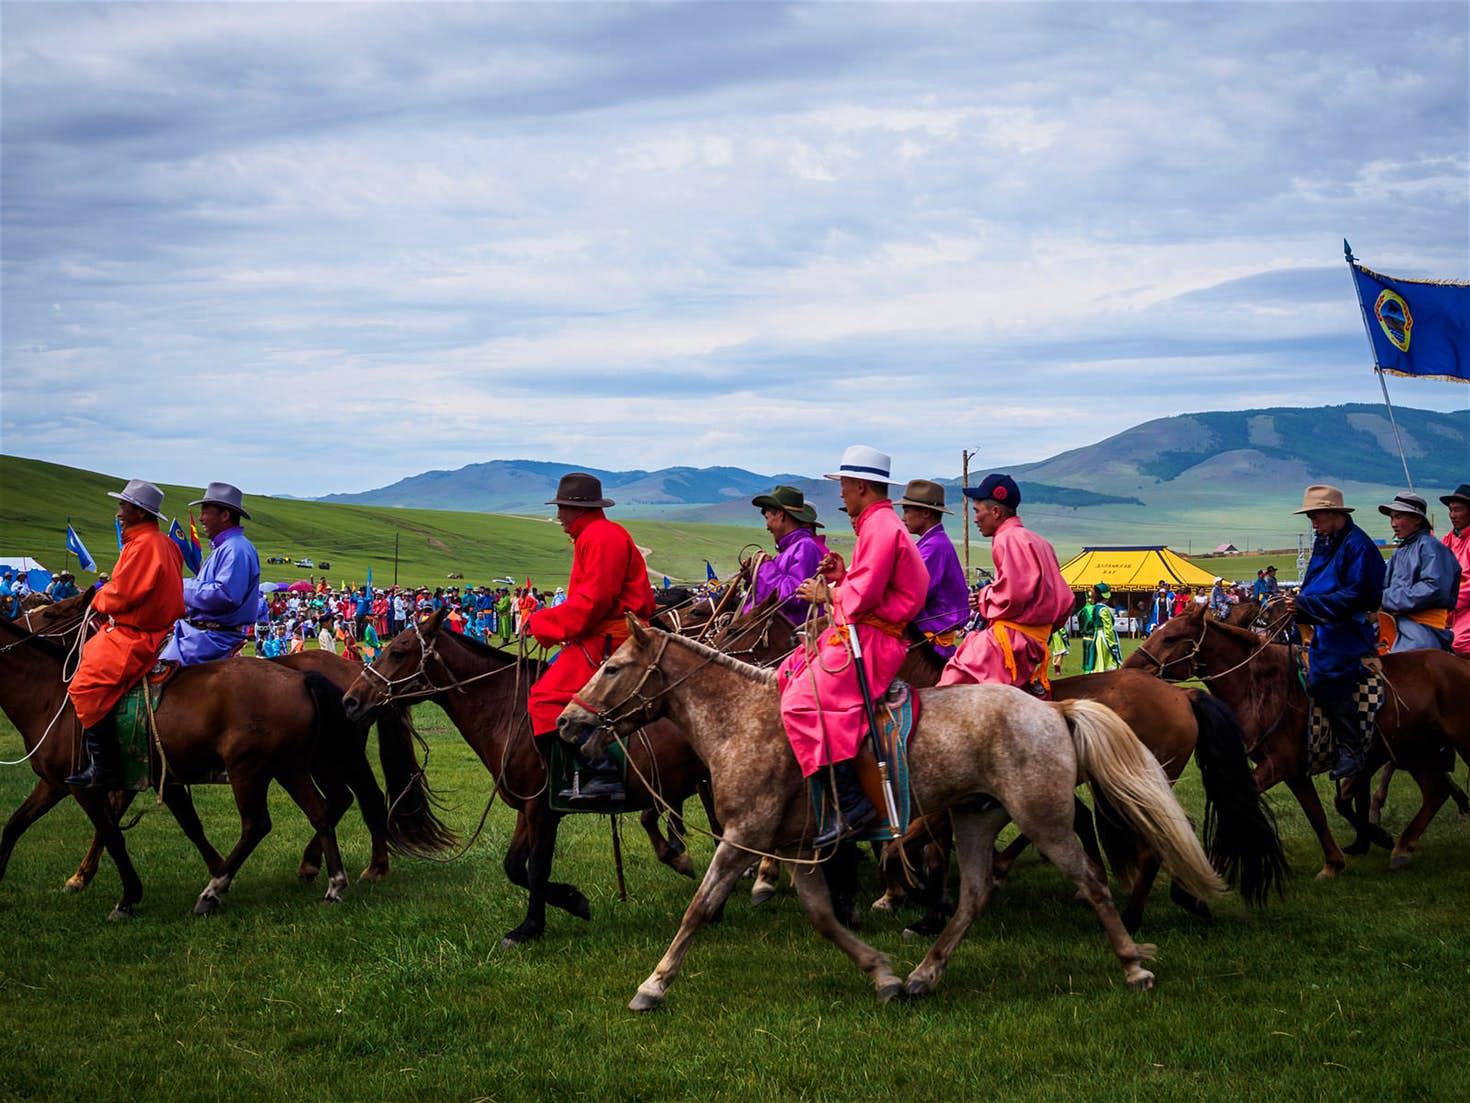 Mông Cổ: Vùng đất của những chuyến đi để đời! - hình ảnh 3